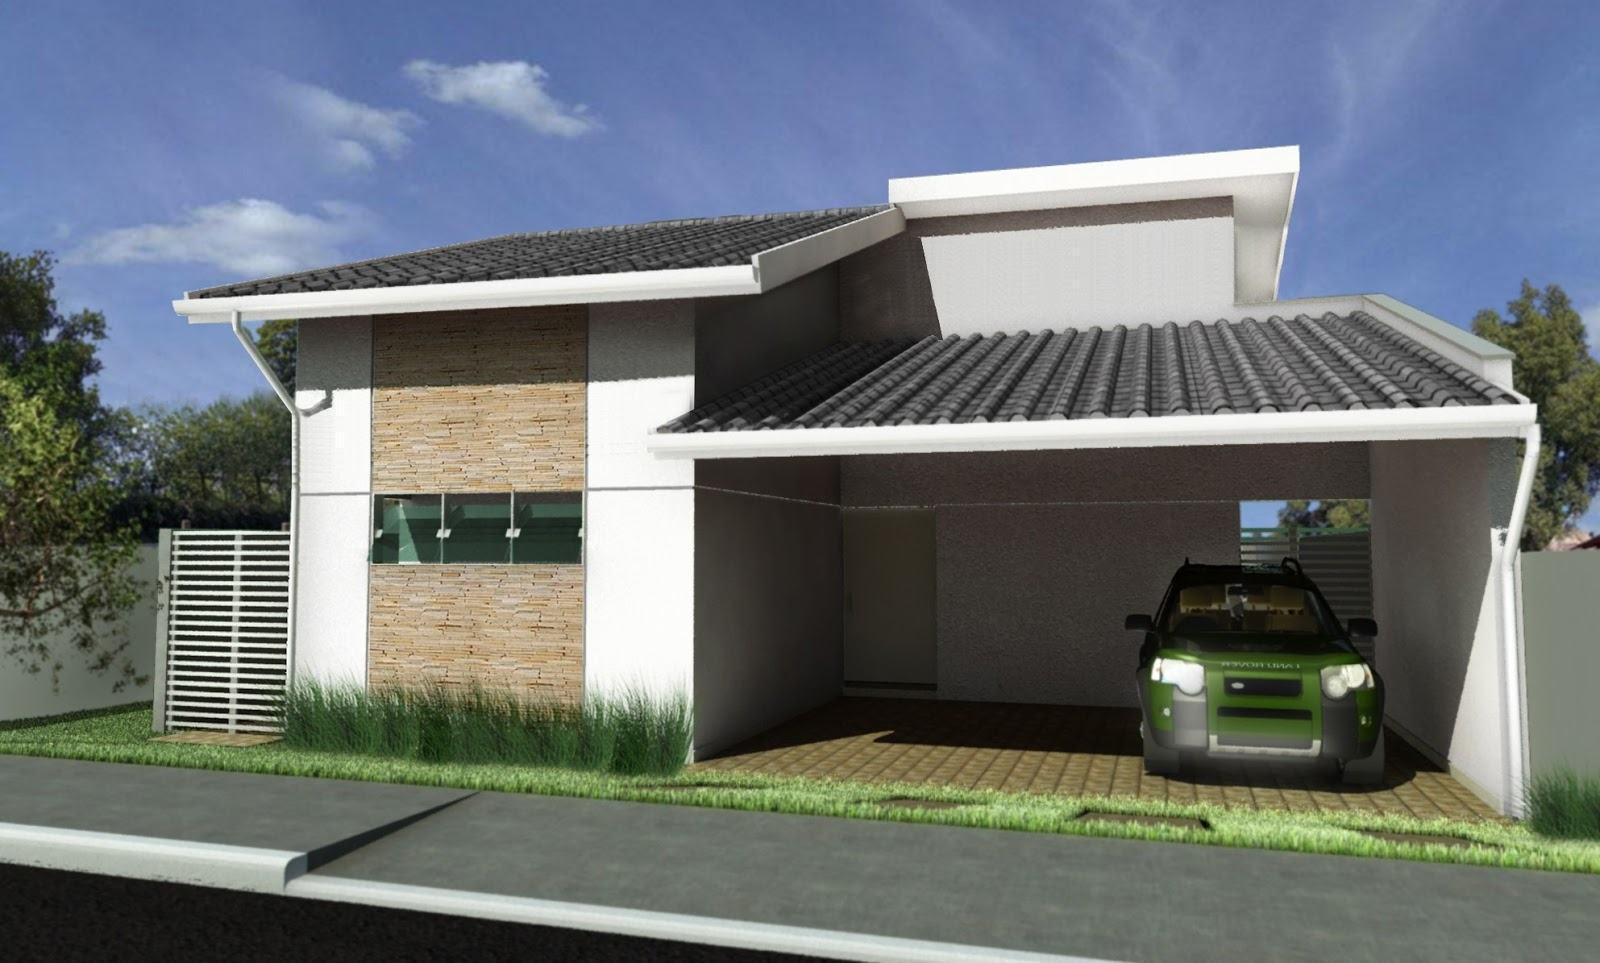 fachadas de casas modernas. fabulous fachadas casas modernas de un